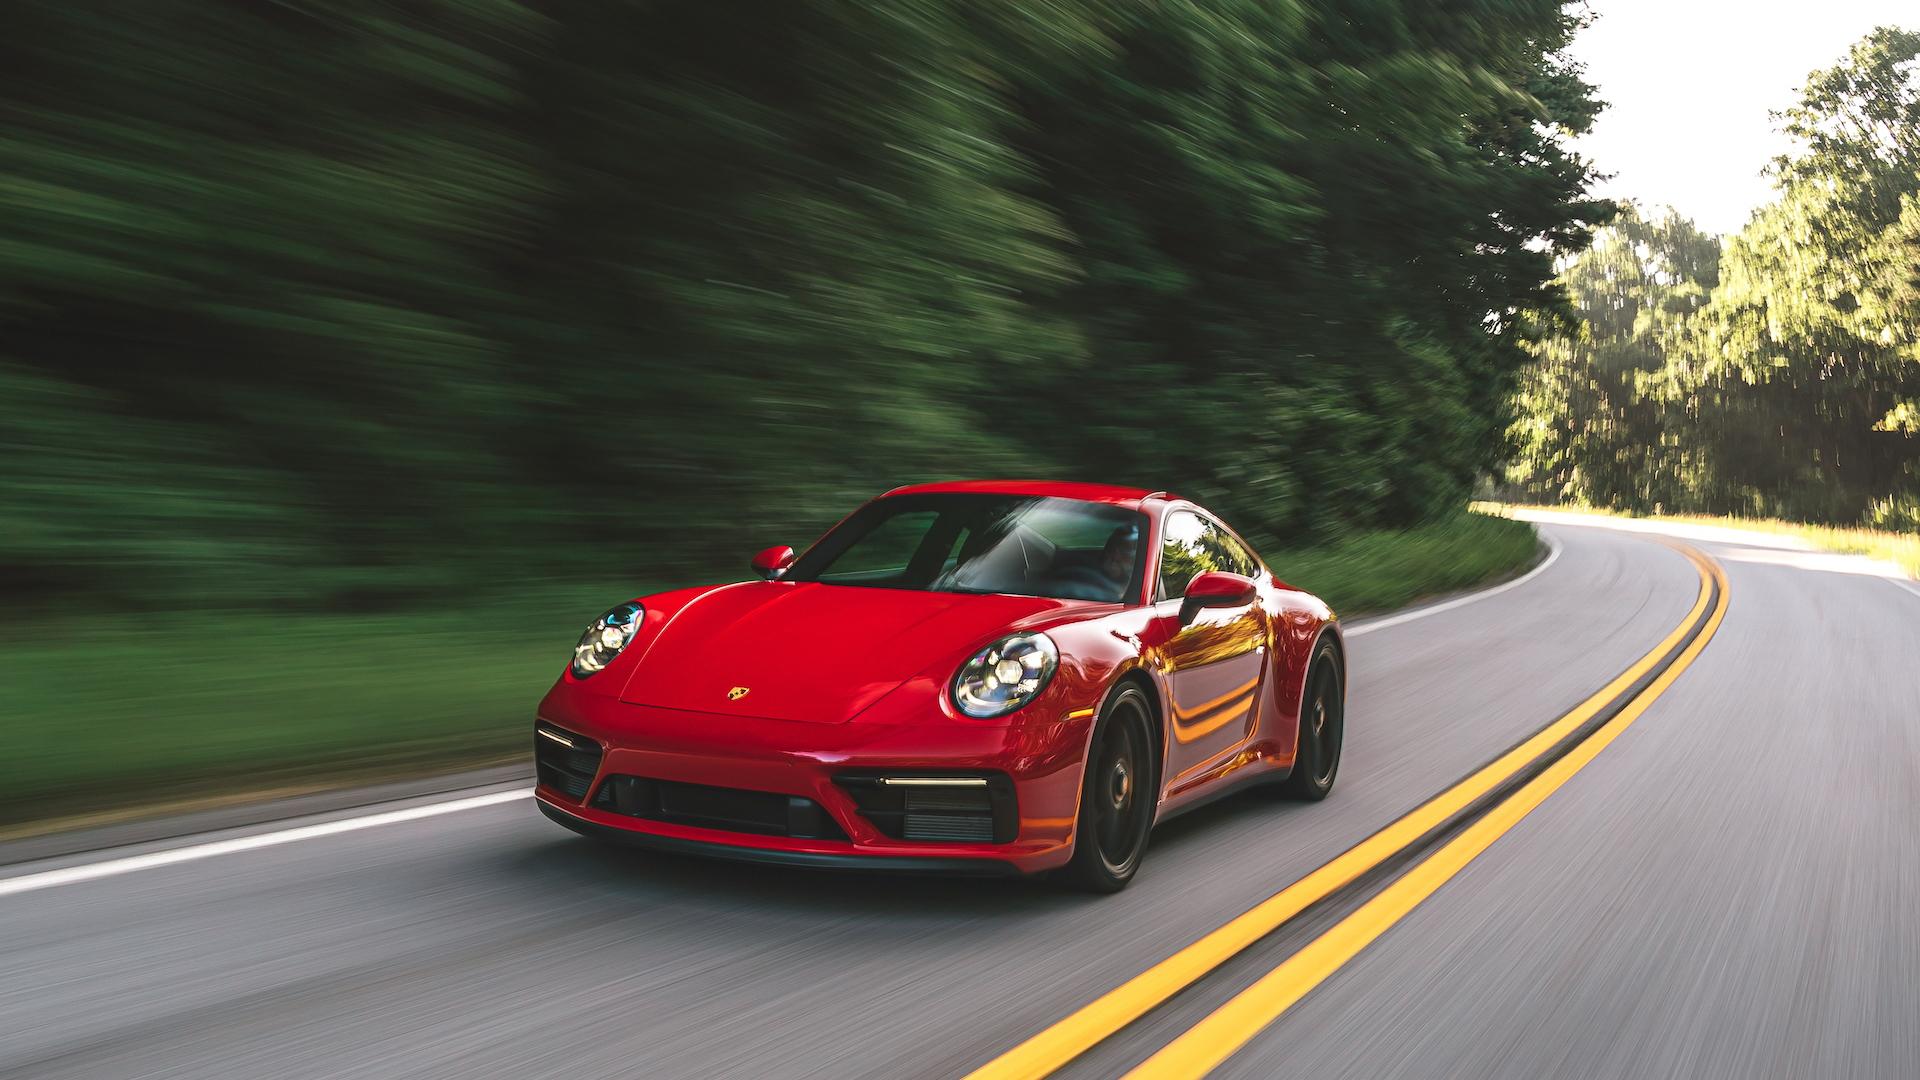 2022 Porsche 911 GTS coupe